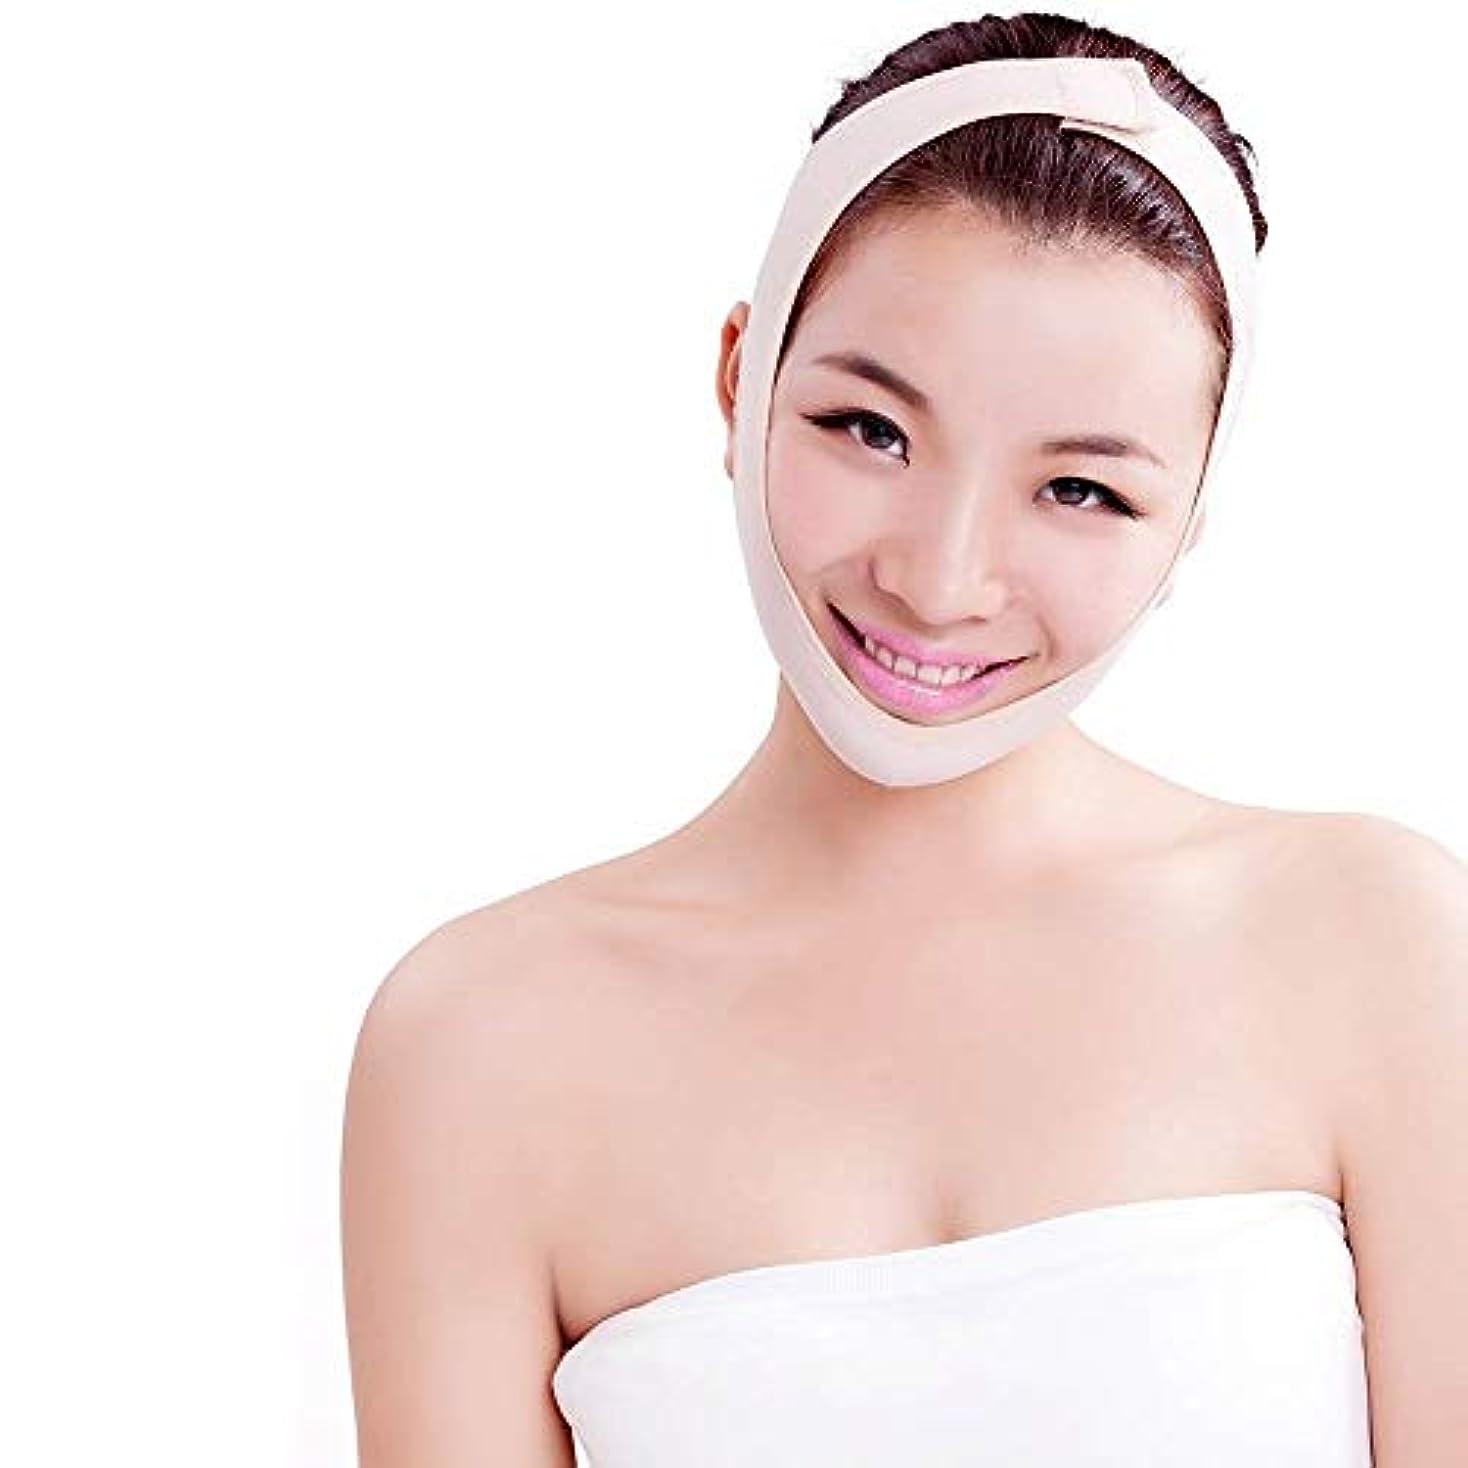 オゾンうまクローンHEMFV 顔のスリミングは、スリムリフトコンパクト顔の皮膚のためのスキン包帯二重あごスリミングベルトを締め、スリミング包帯通気性ひげ二重あごケア減量フェイスベルトマスク (Size : M)